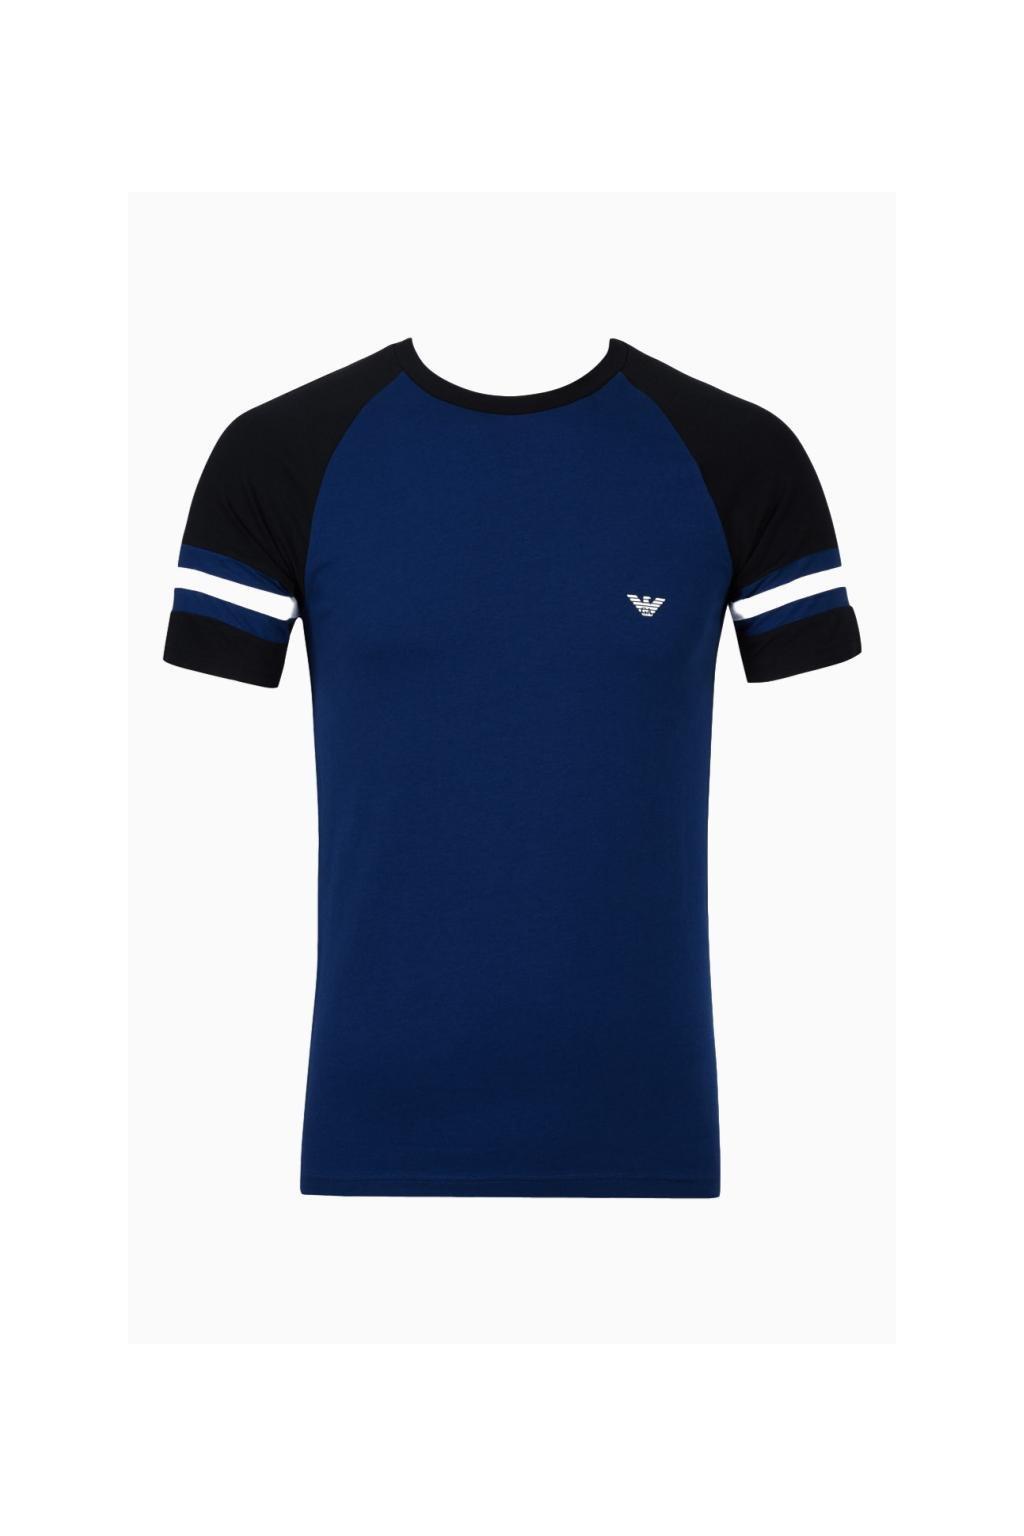 Emporio Armani tričko color block - modré